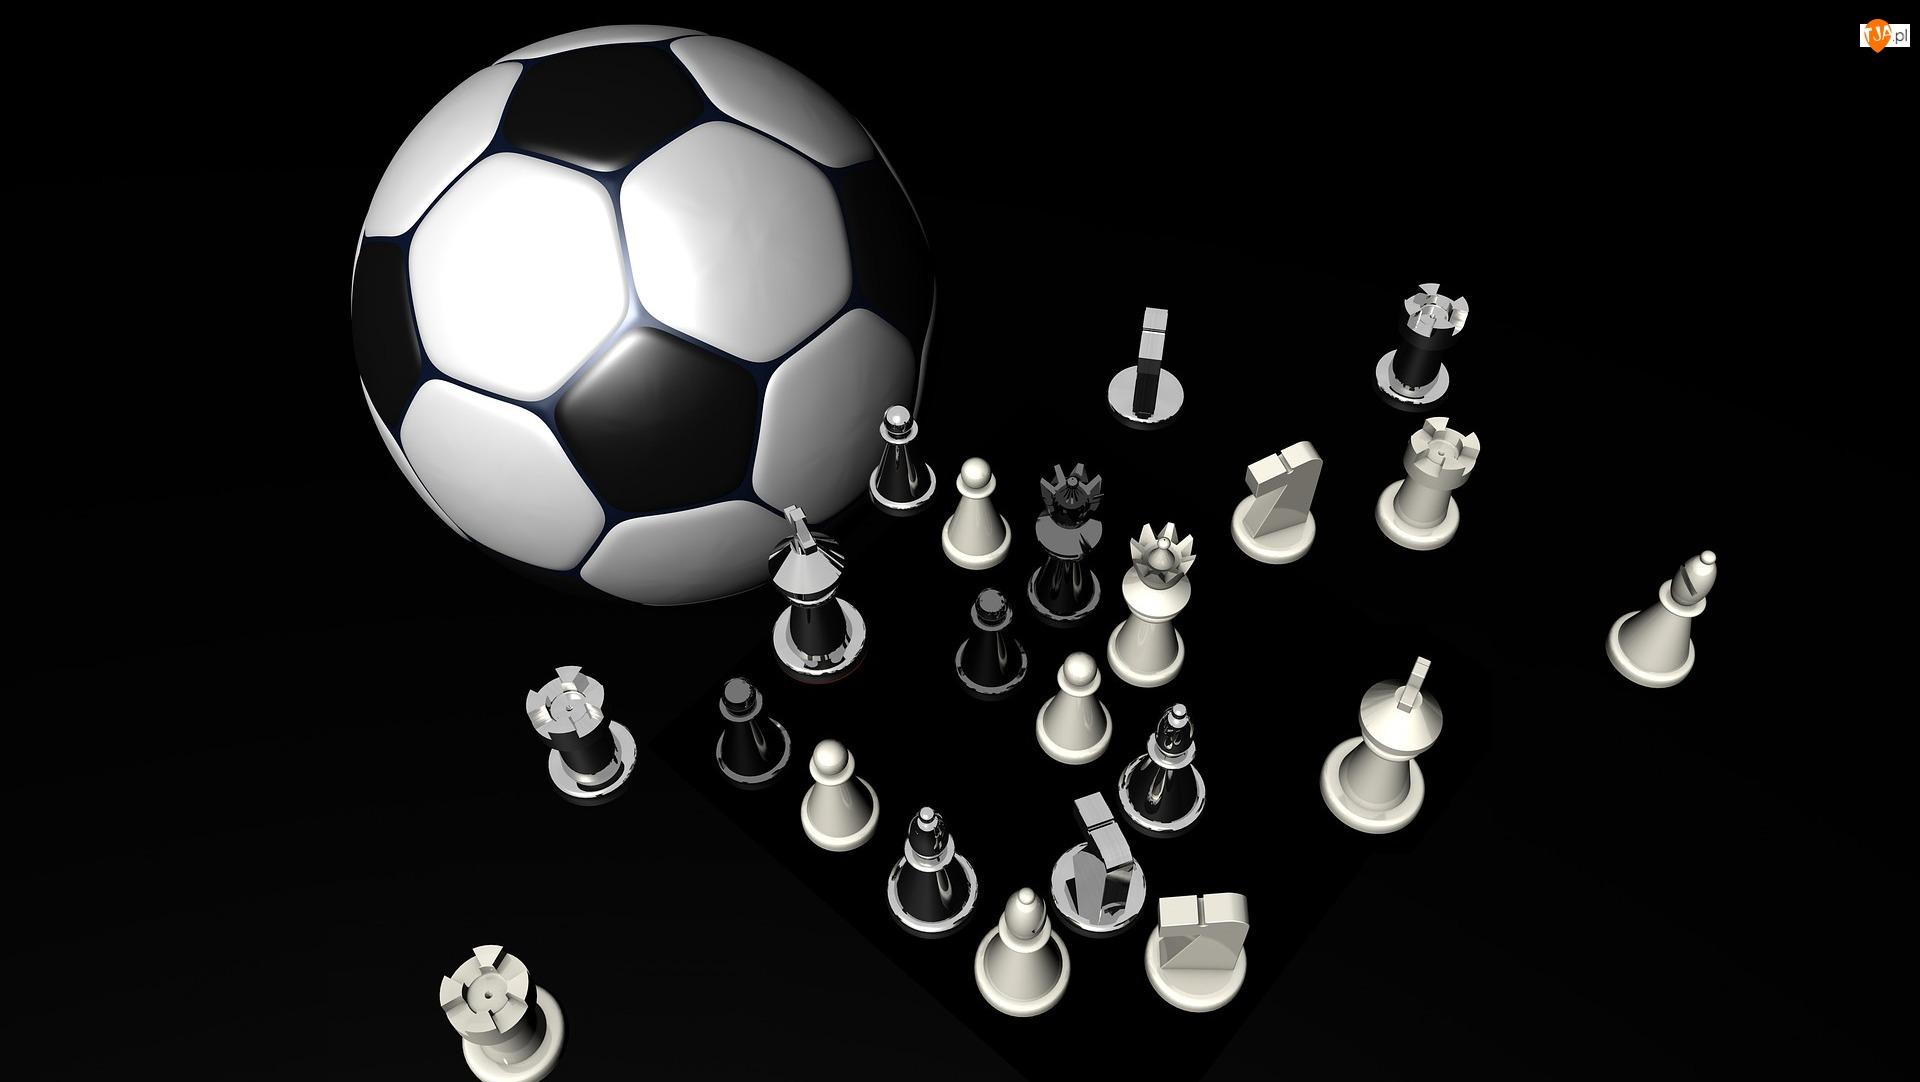 Piłka, Grafika 3D, Szachy